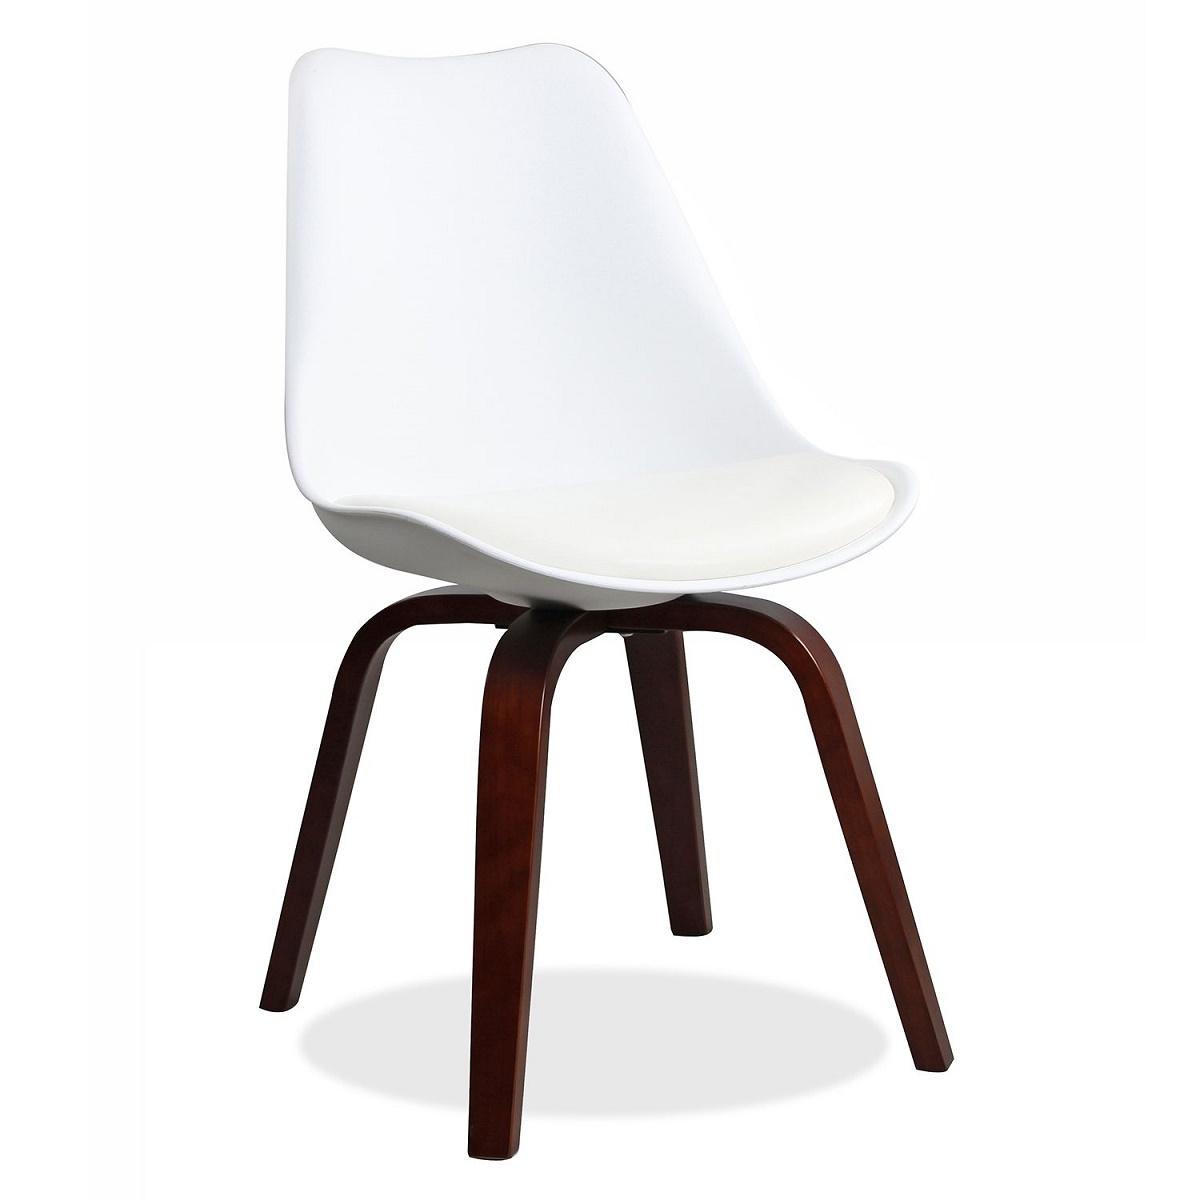 Cadeira de Refeição Tulip - 7 cores à escolha